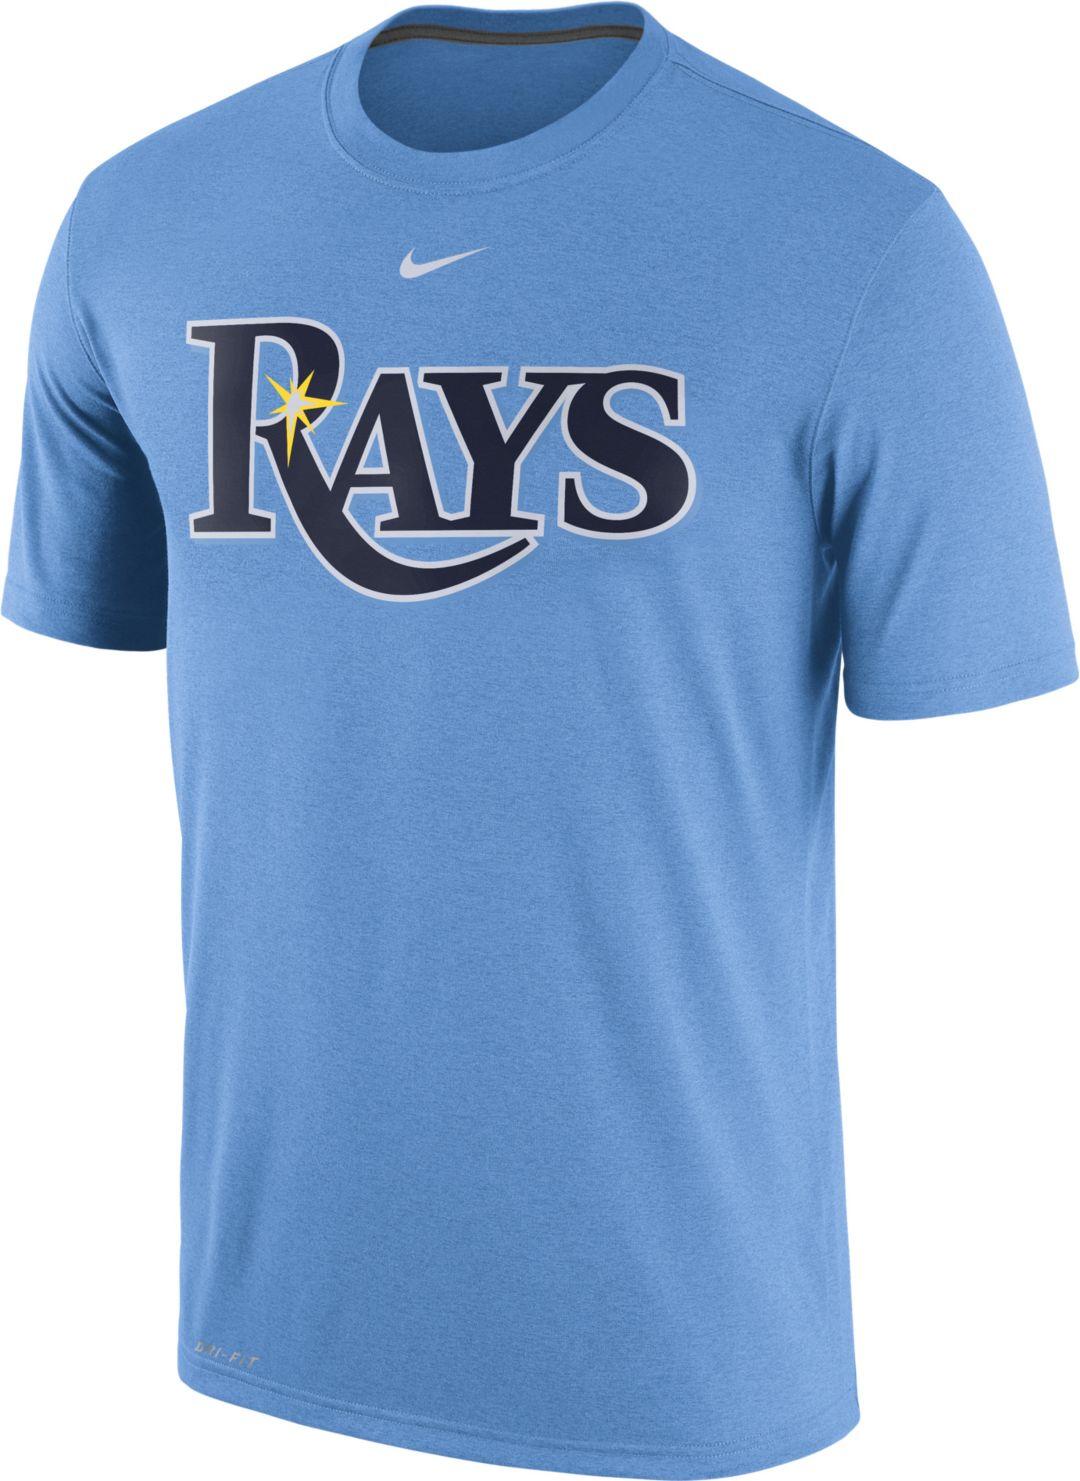 lowest price 344db 4d409 Nike Men's Tampa Bay Rays Dri-FIT Legend T-Shirt